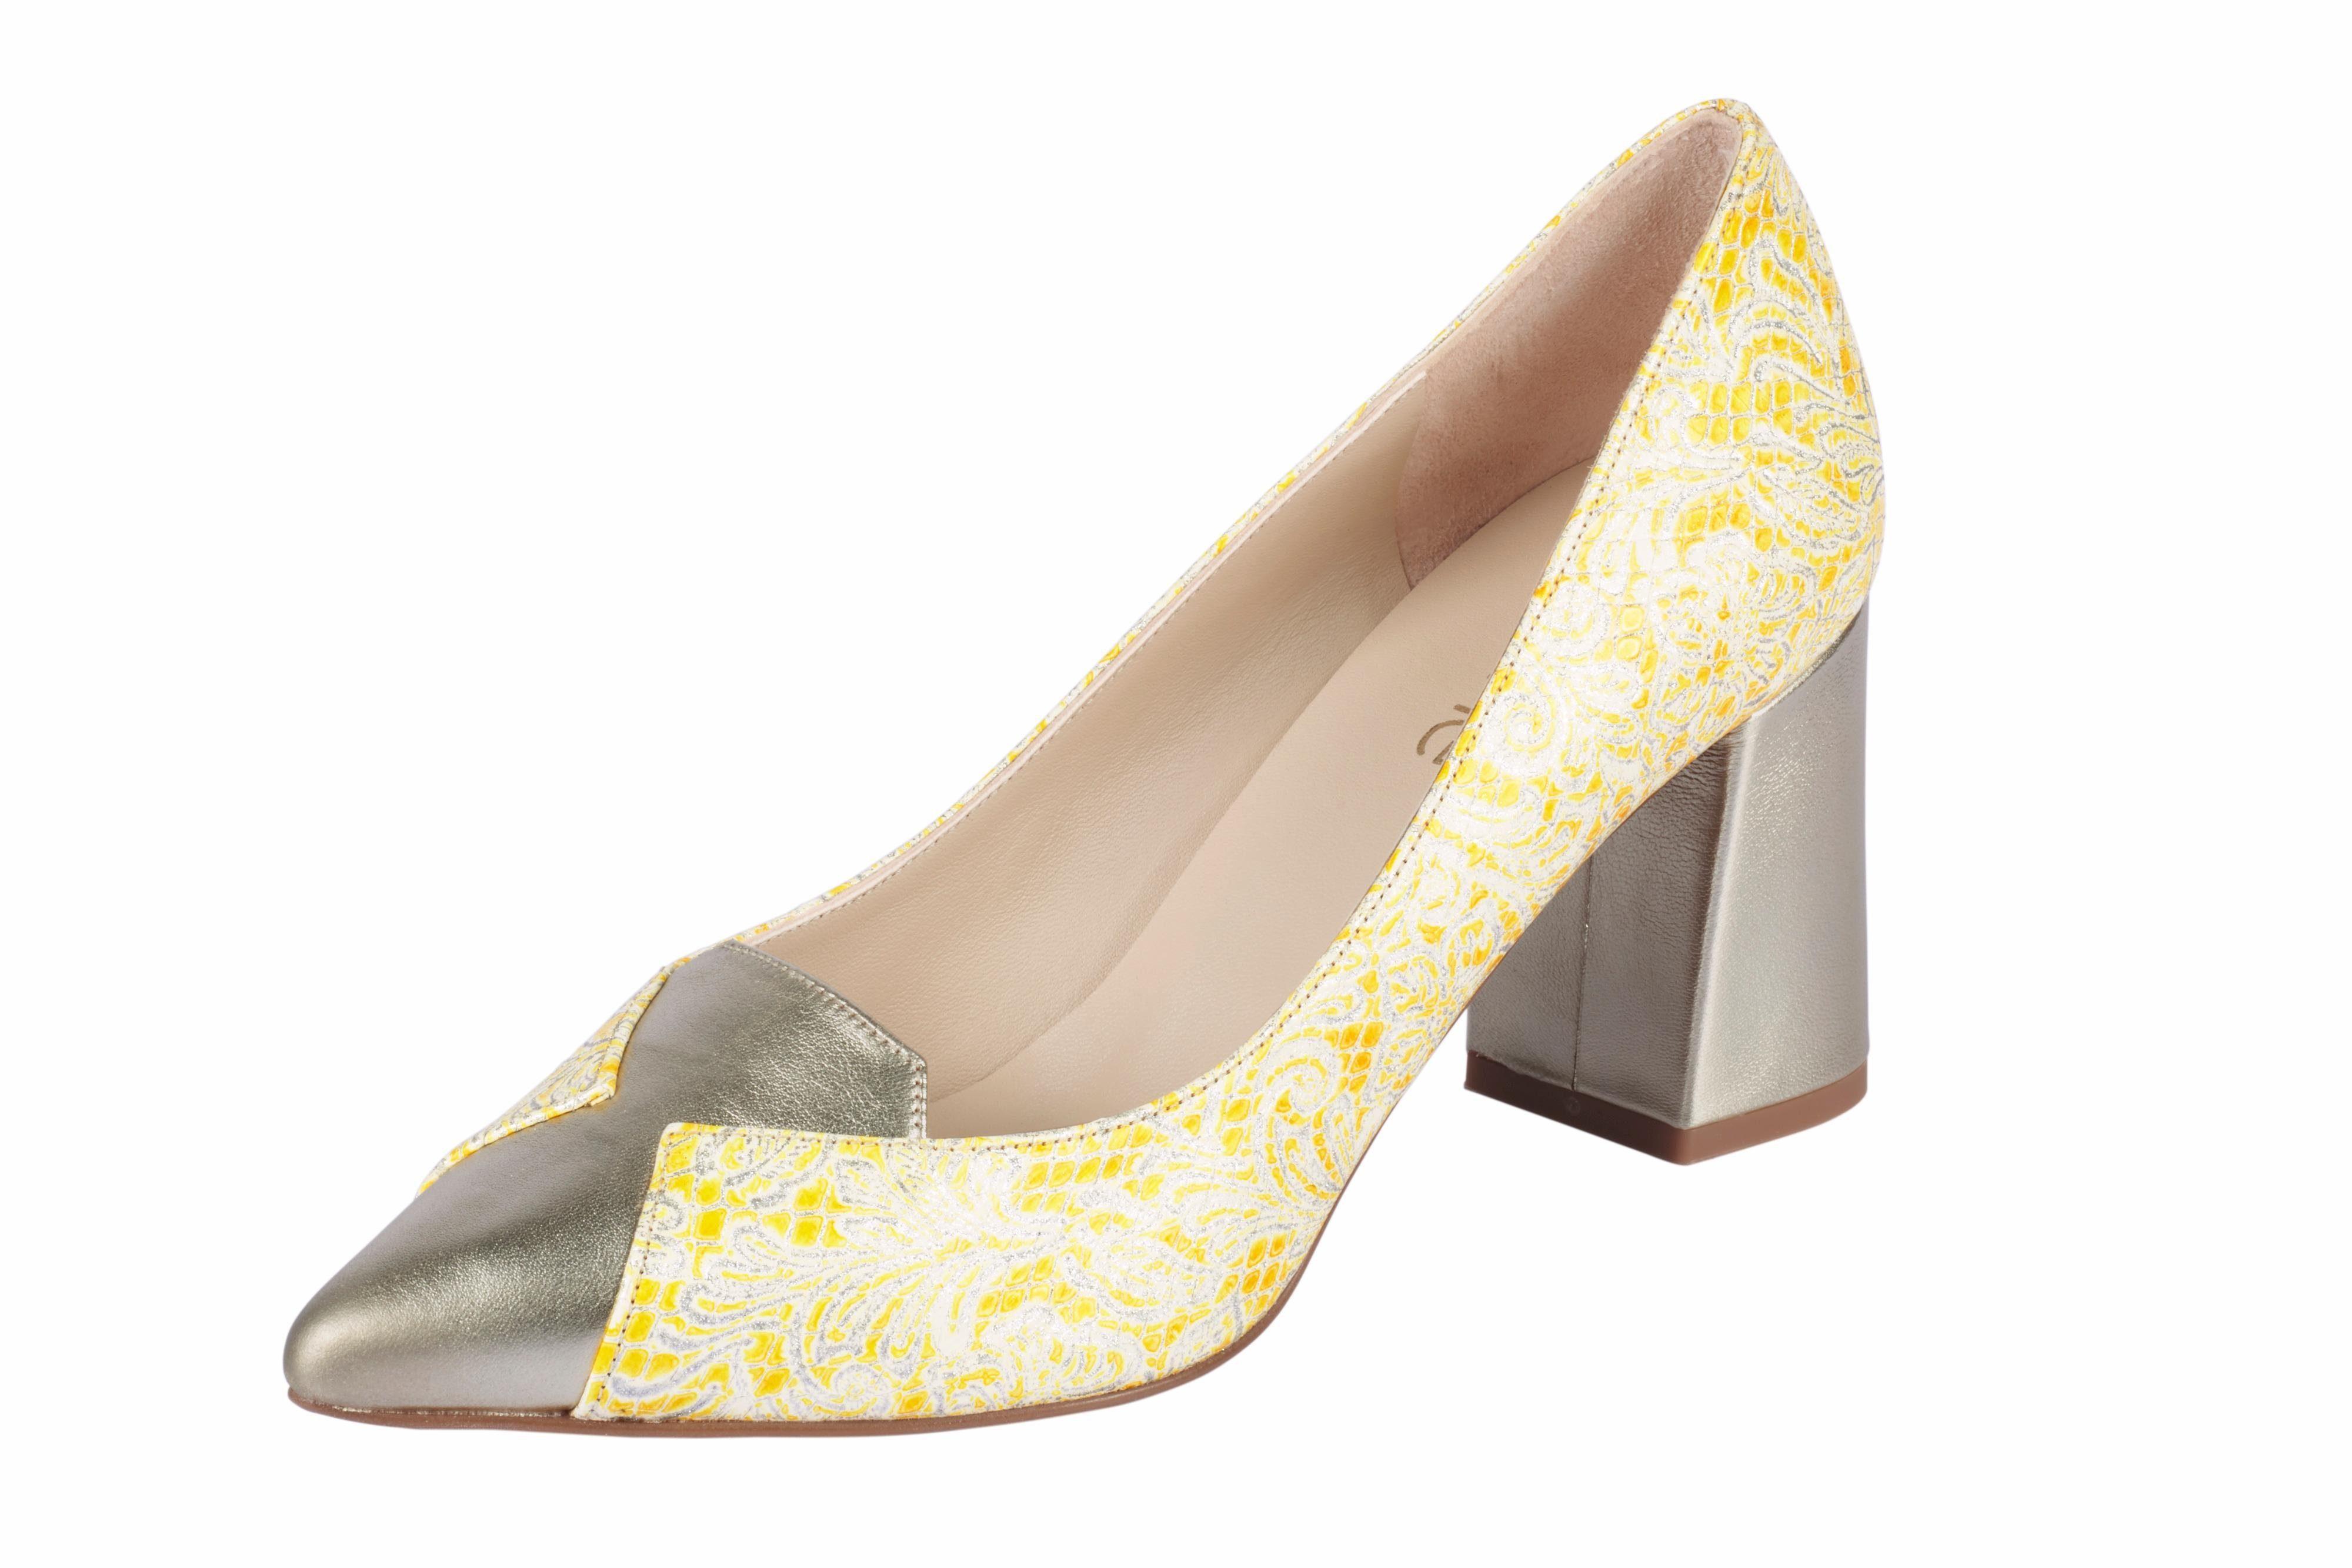 Heine Pumps online kaufen  gelb#ft5_slash#goldfarben